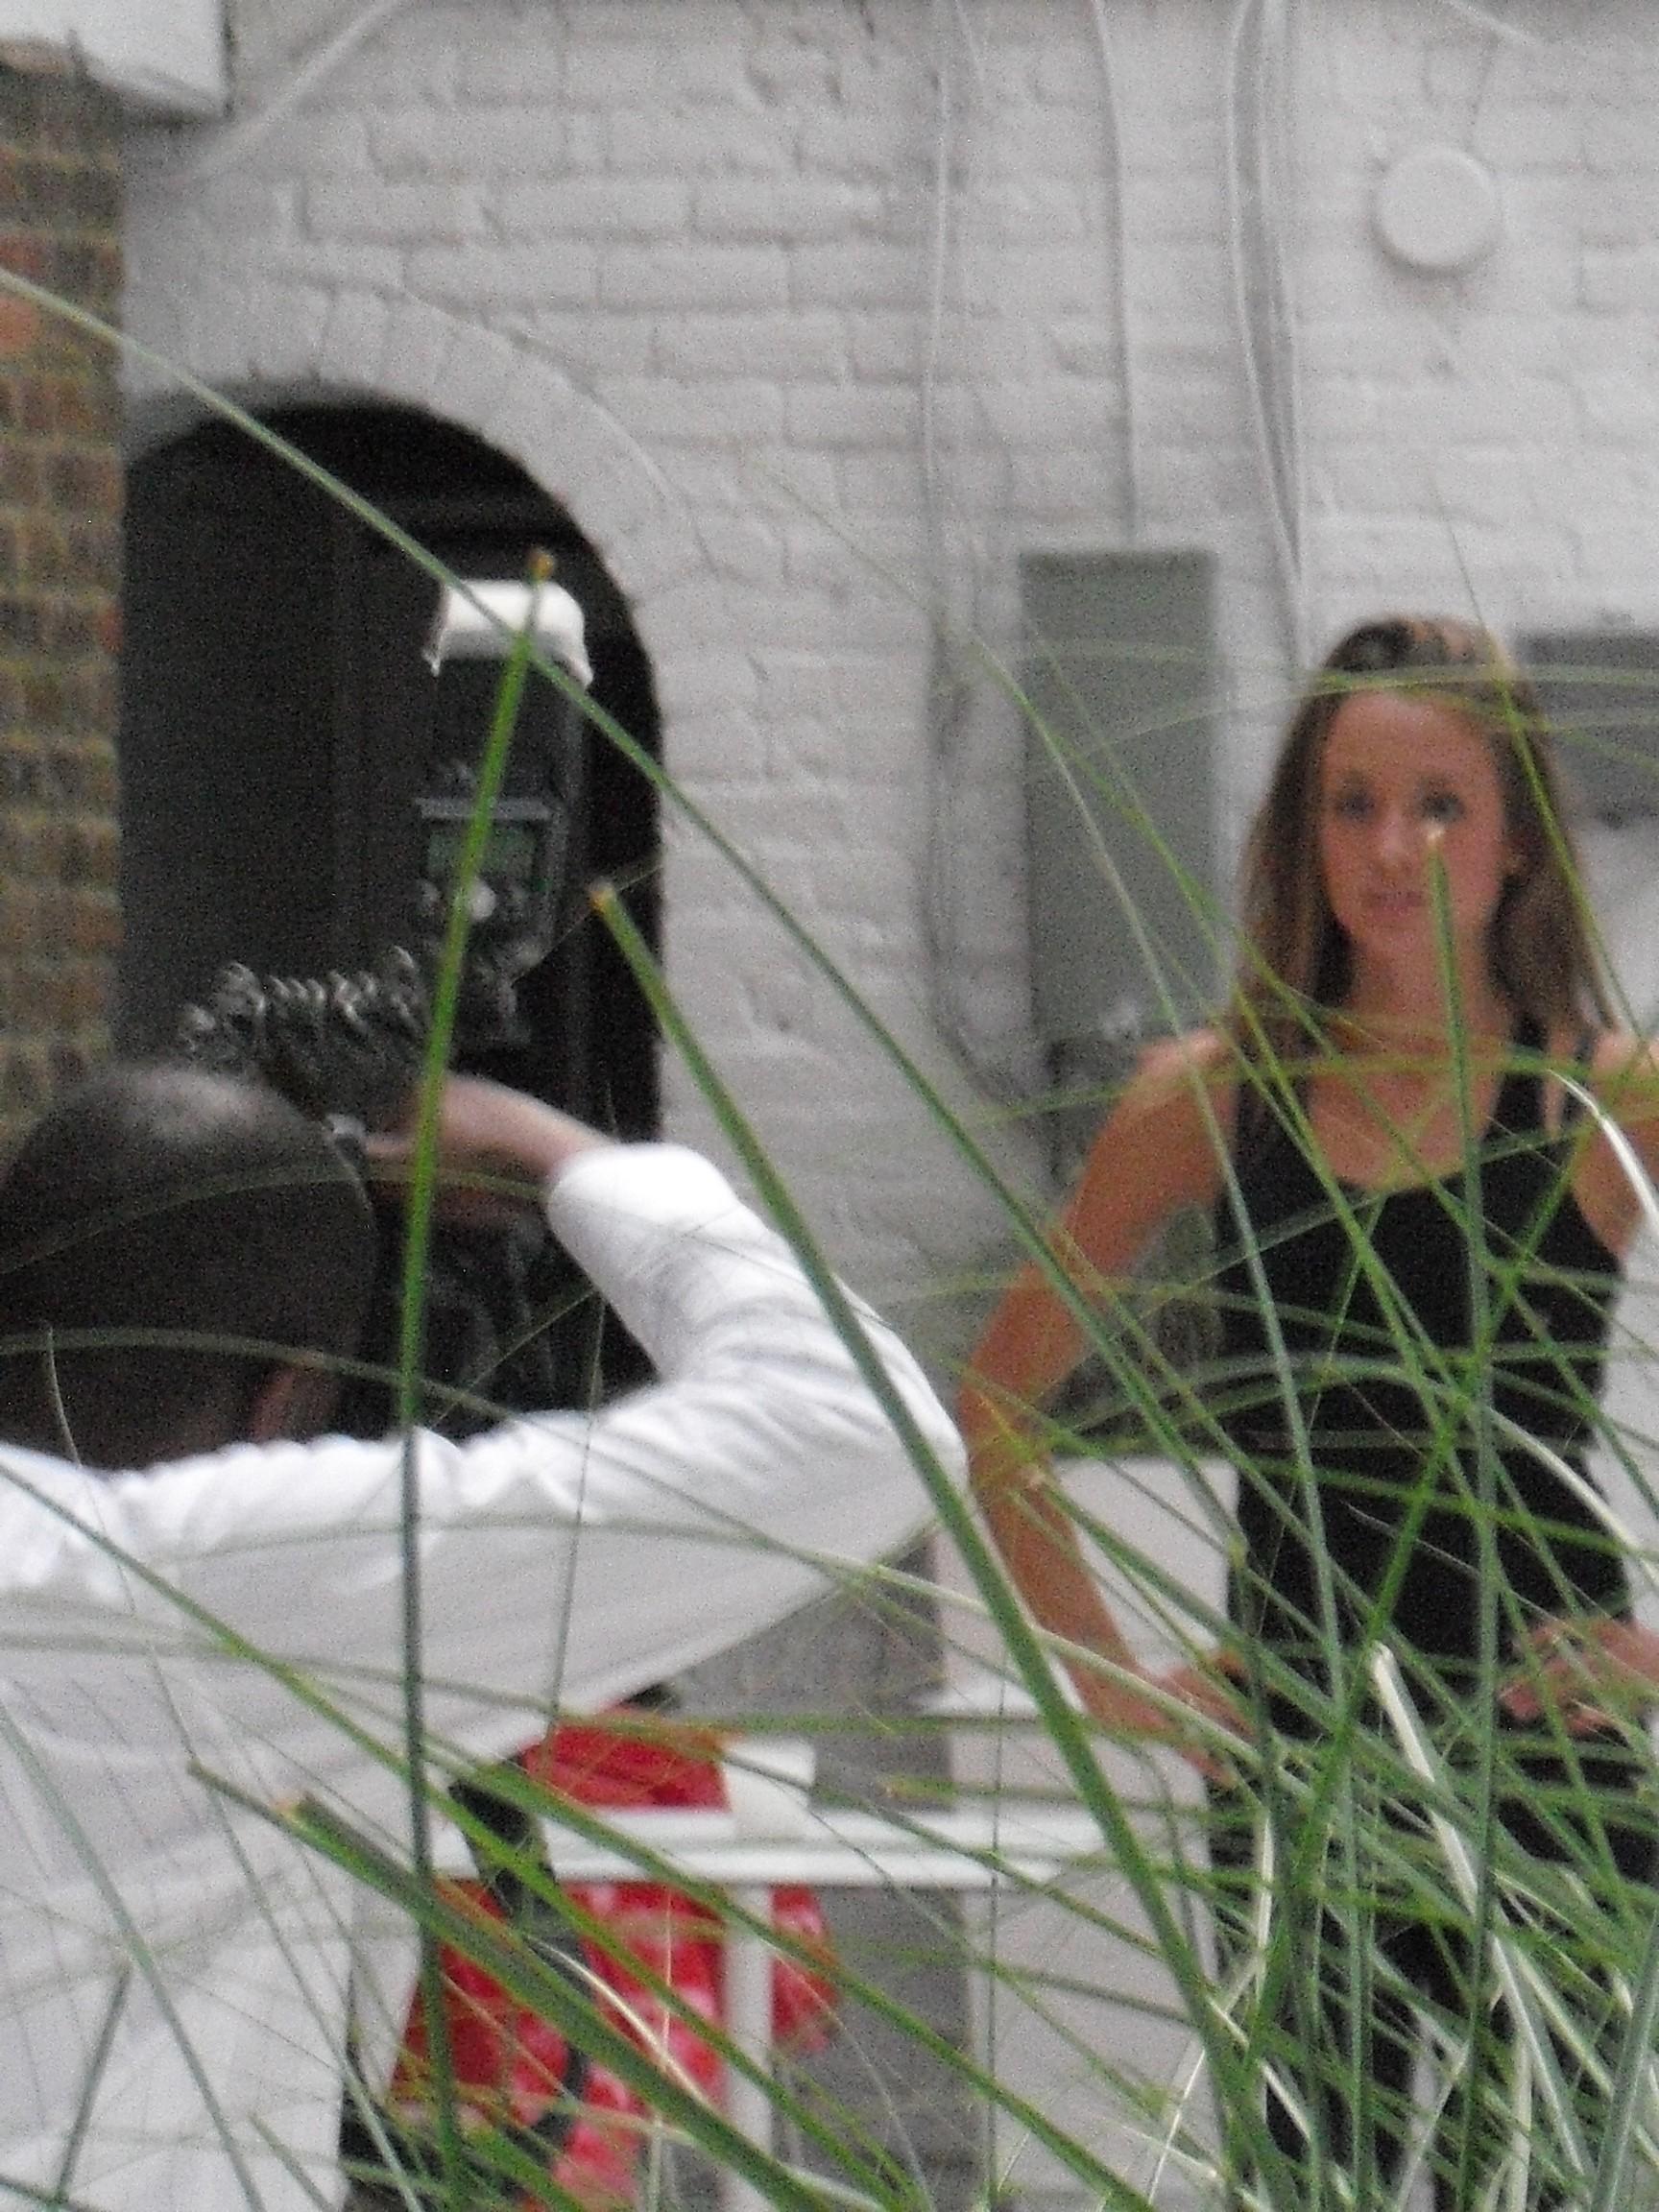 Model having her picture taken